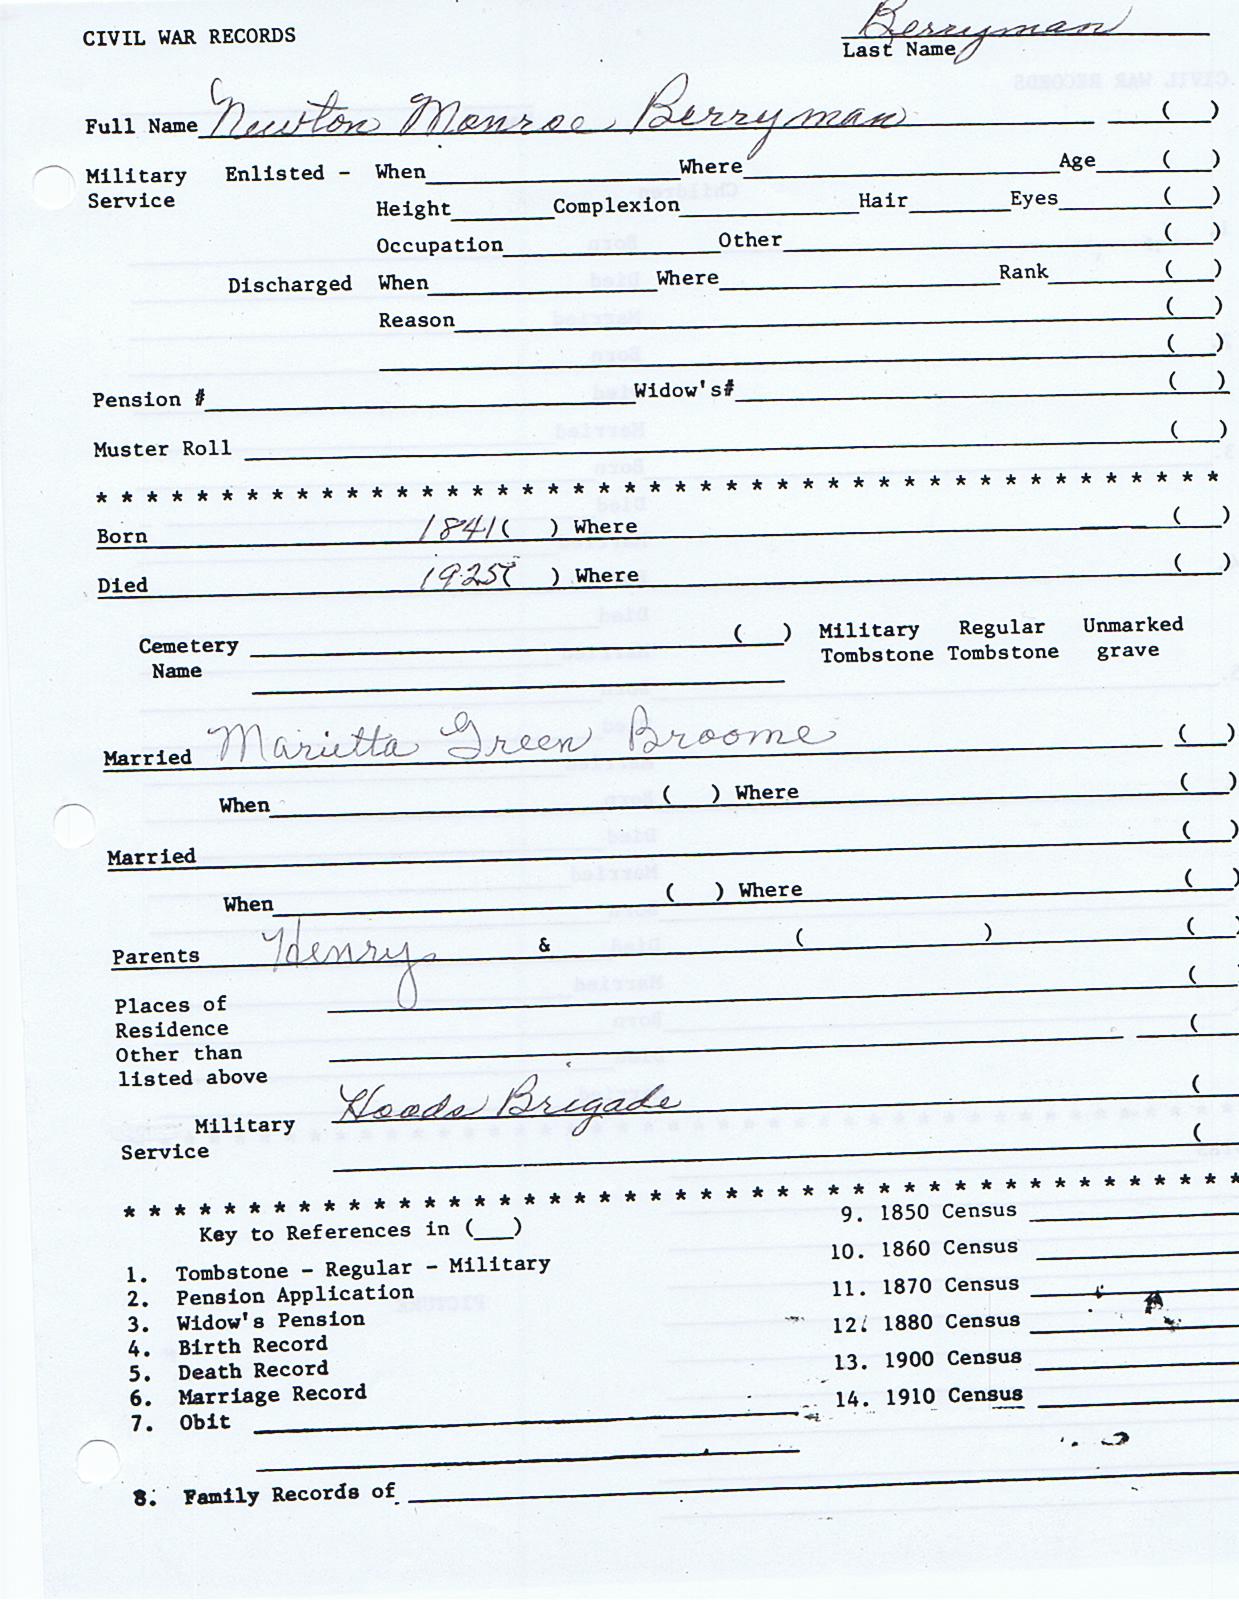 berryman-kaufman_civil_war_records-3507